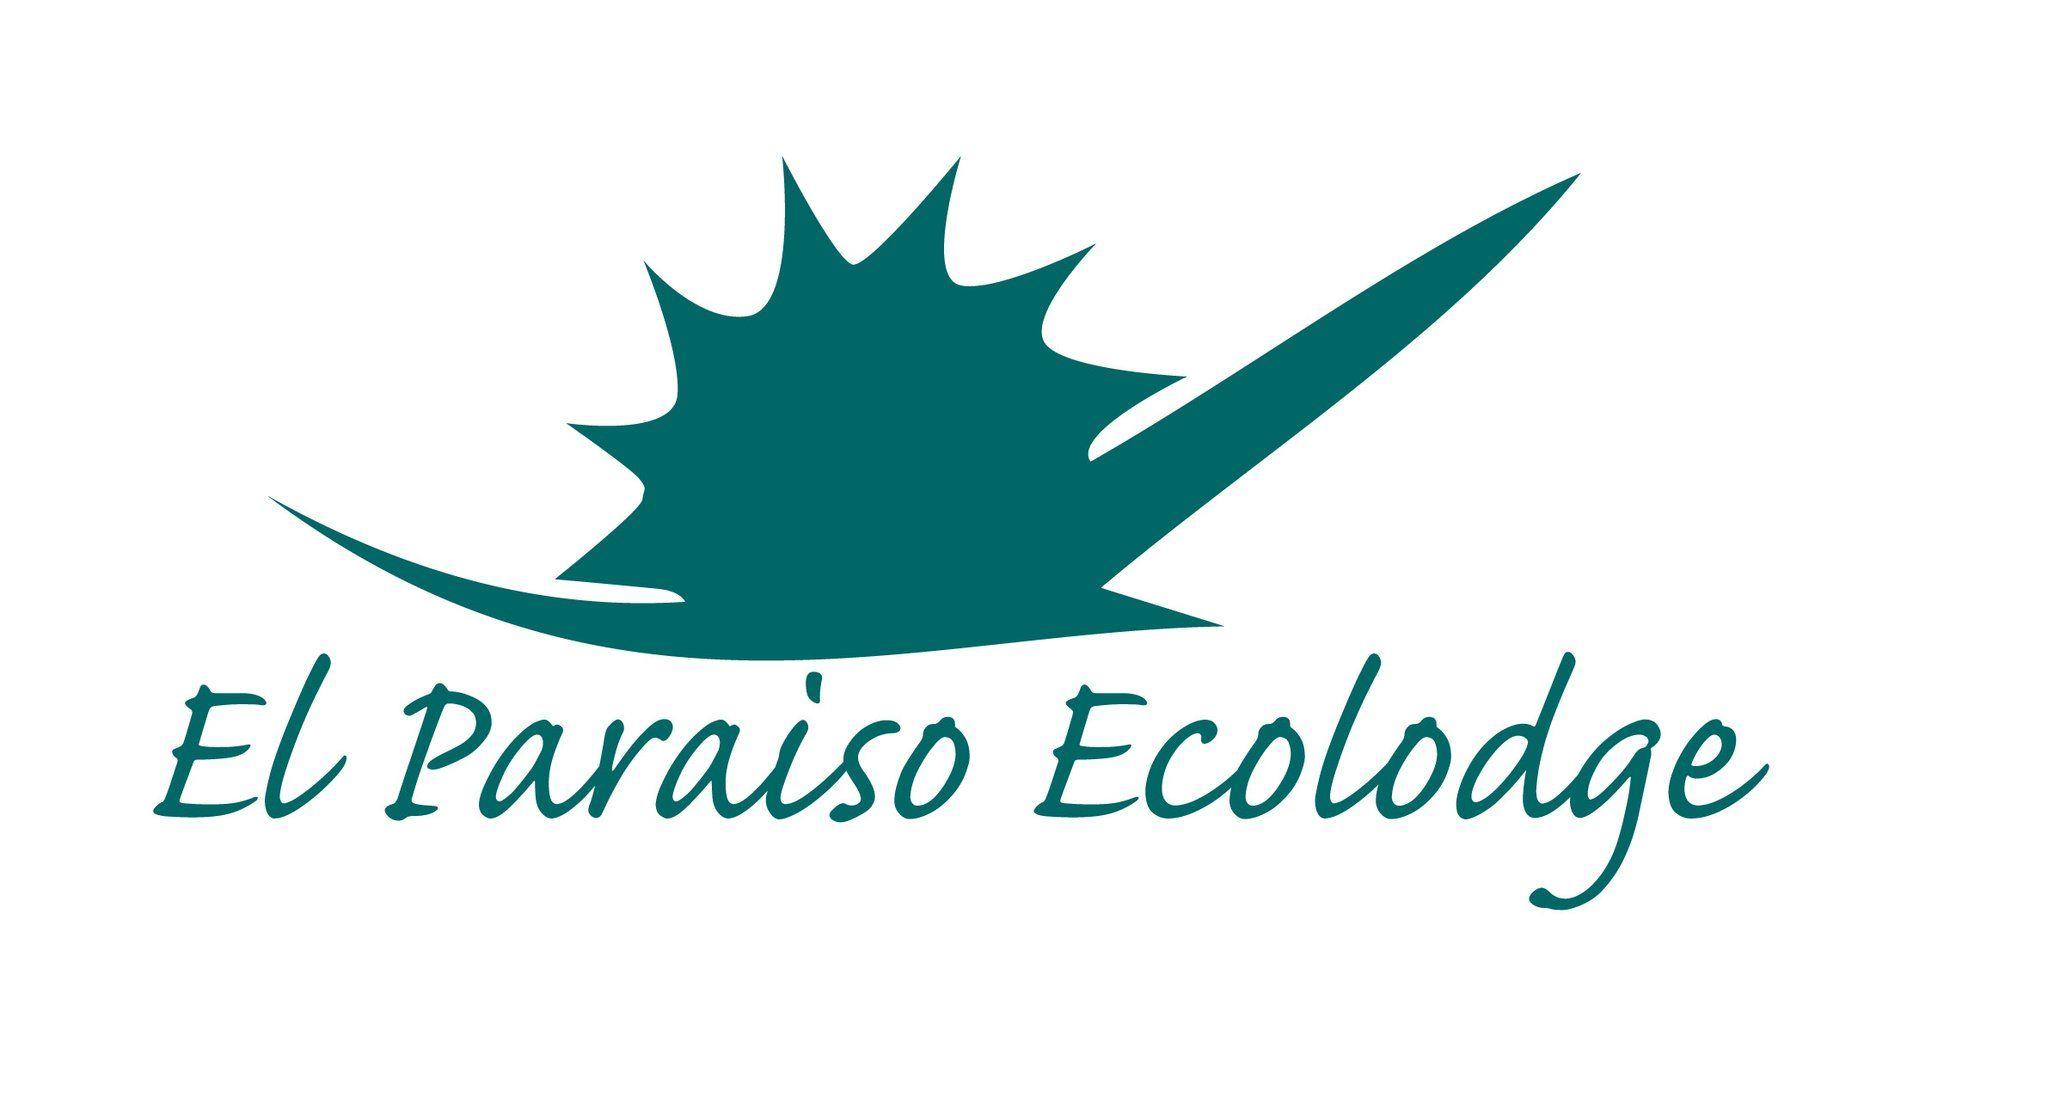 帕拉伊索生态旅馆